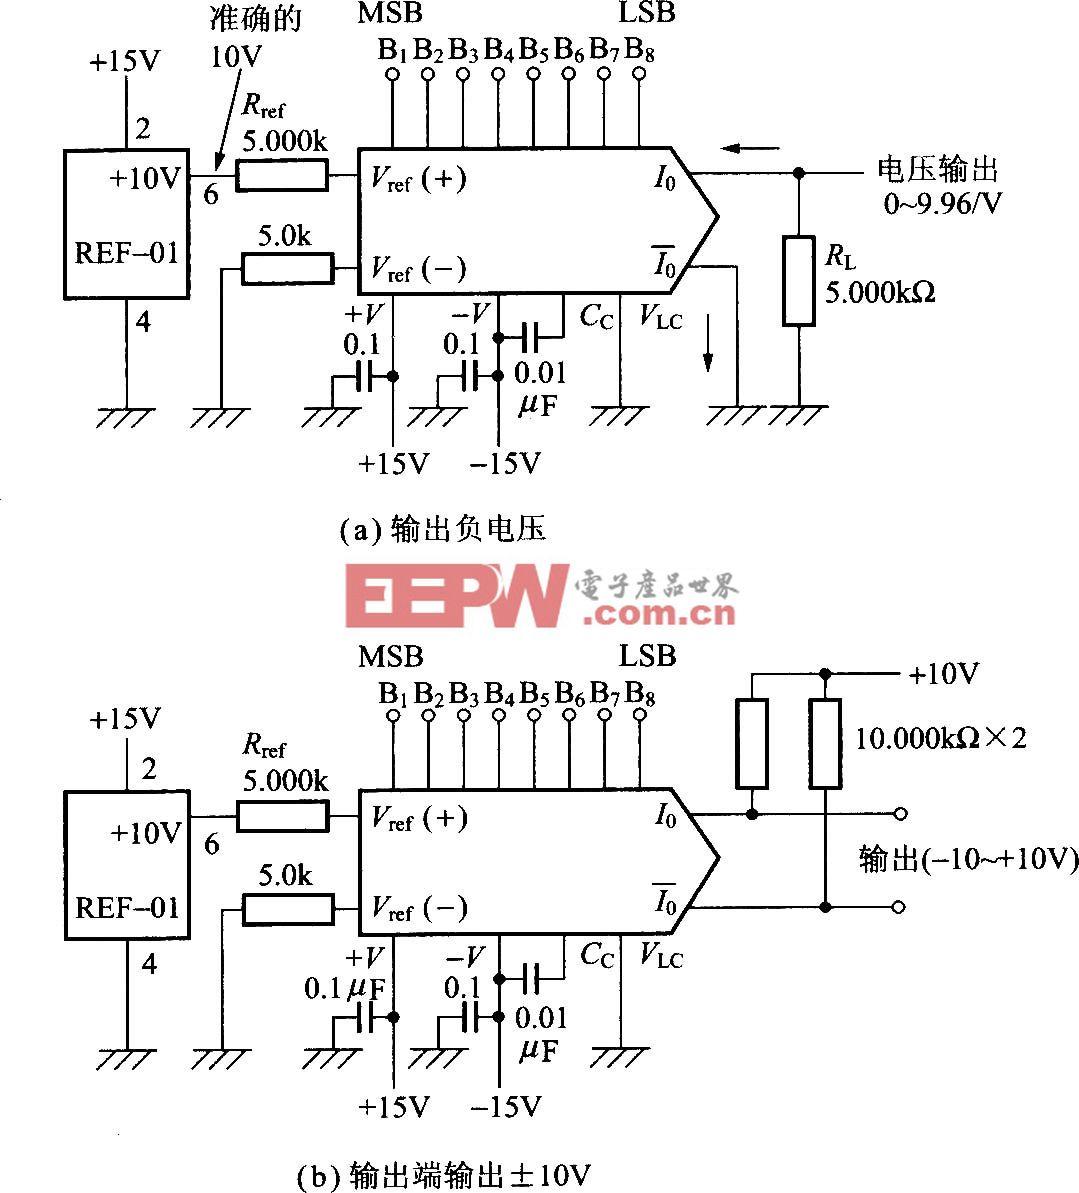 由电流输出型D/A转换变换为电压(DAC0800)